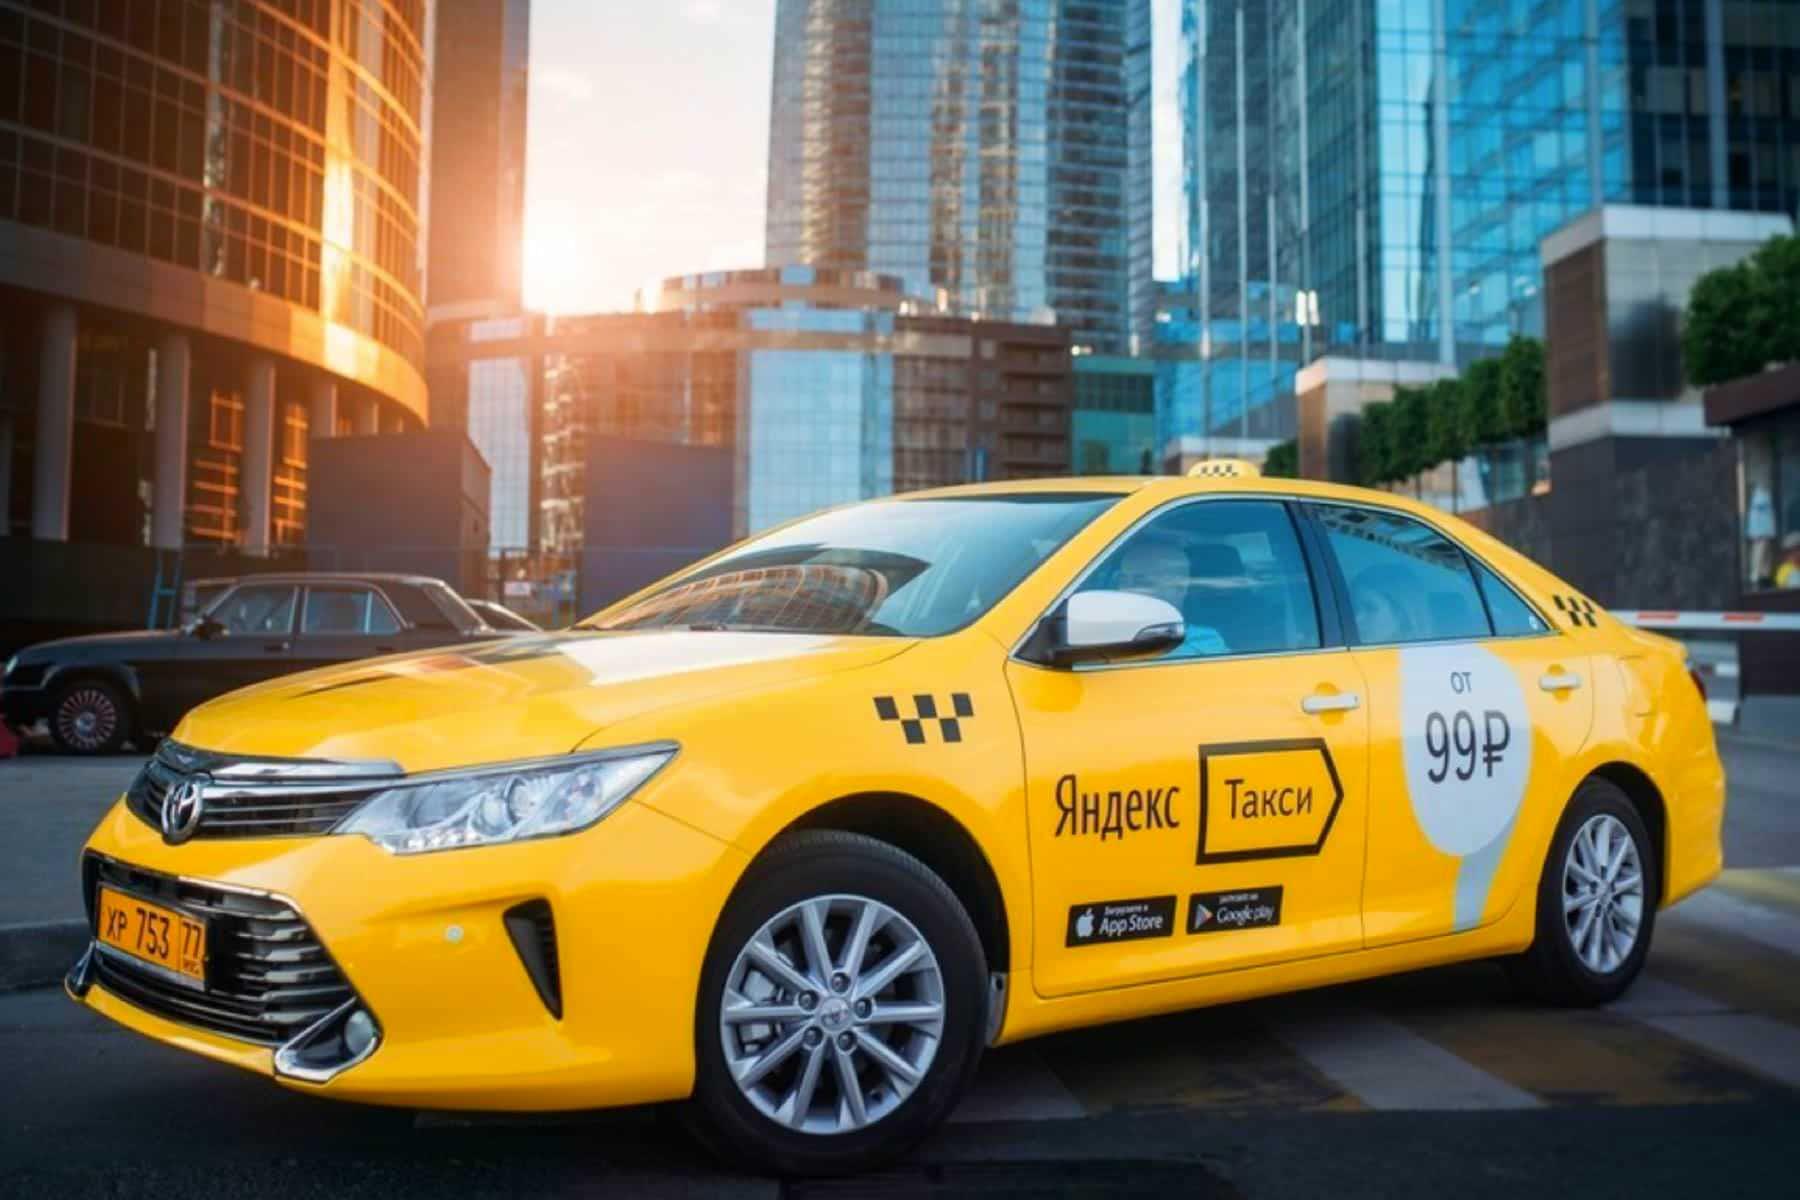 Яндекс.Такси: рассчитать стоимость поездки